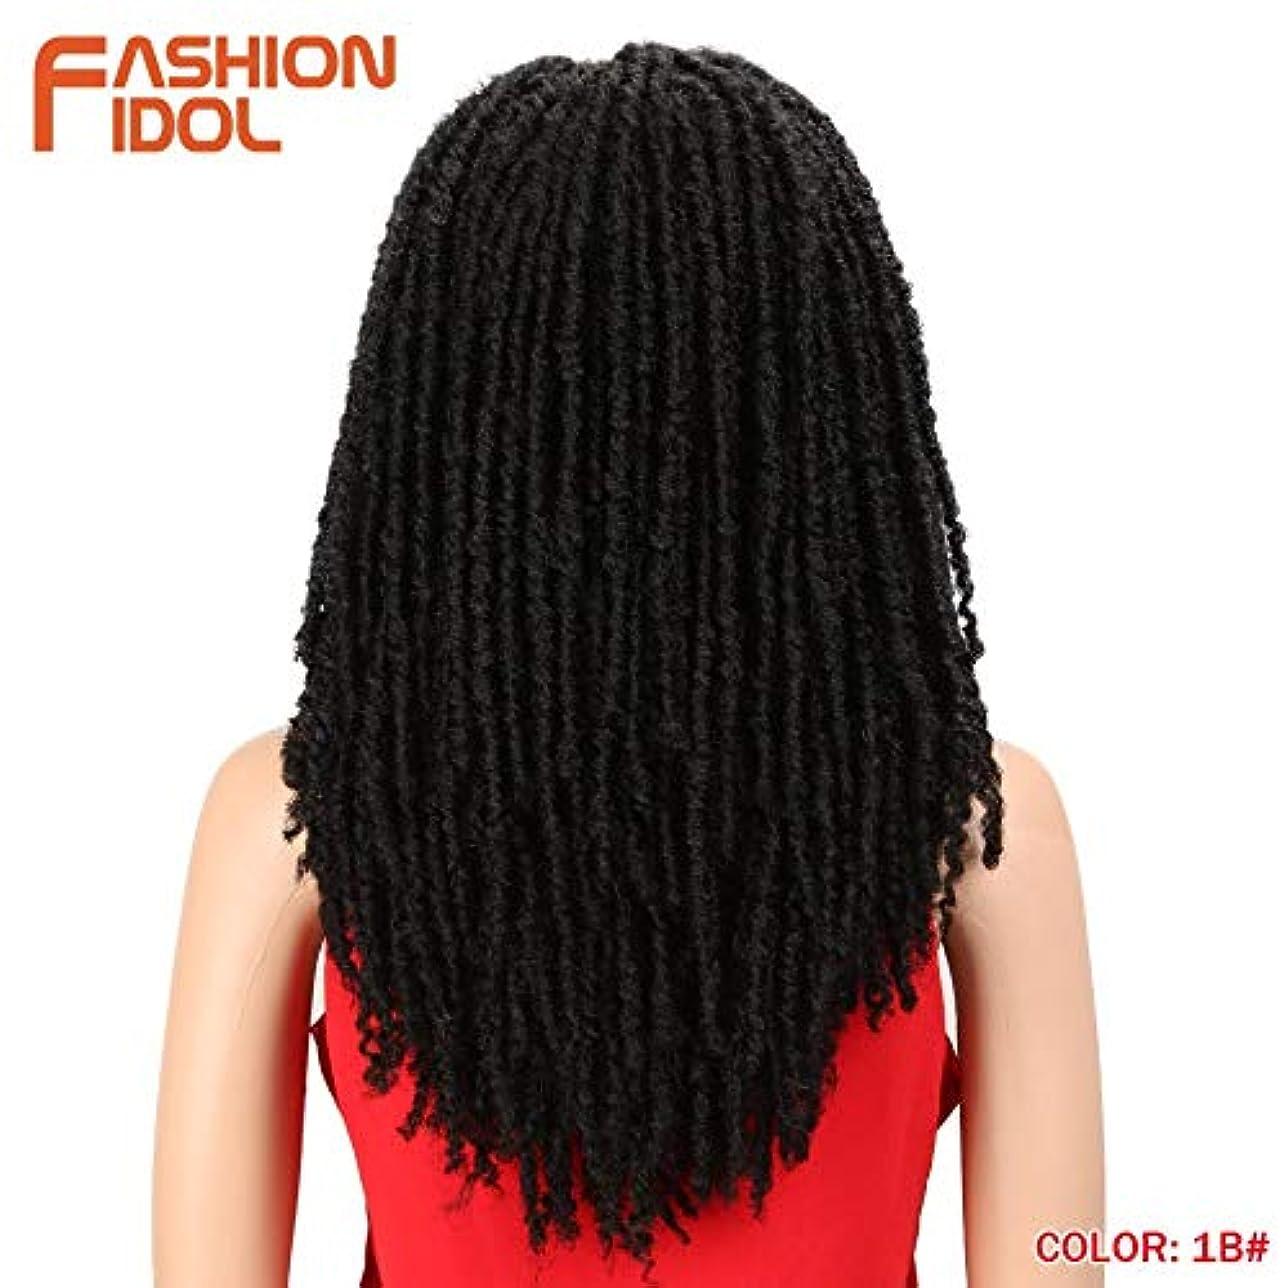 土準拠有名美しく ファッション22インチの合成かつらのために黒人女性のかぎ針編み三つ編みツイストジャンボドレッドフェイクLOCS髪型ロングアフロブラウン髪 (Color : #1B, Stretched Length : 22inches)